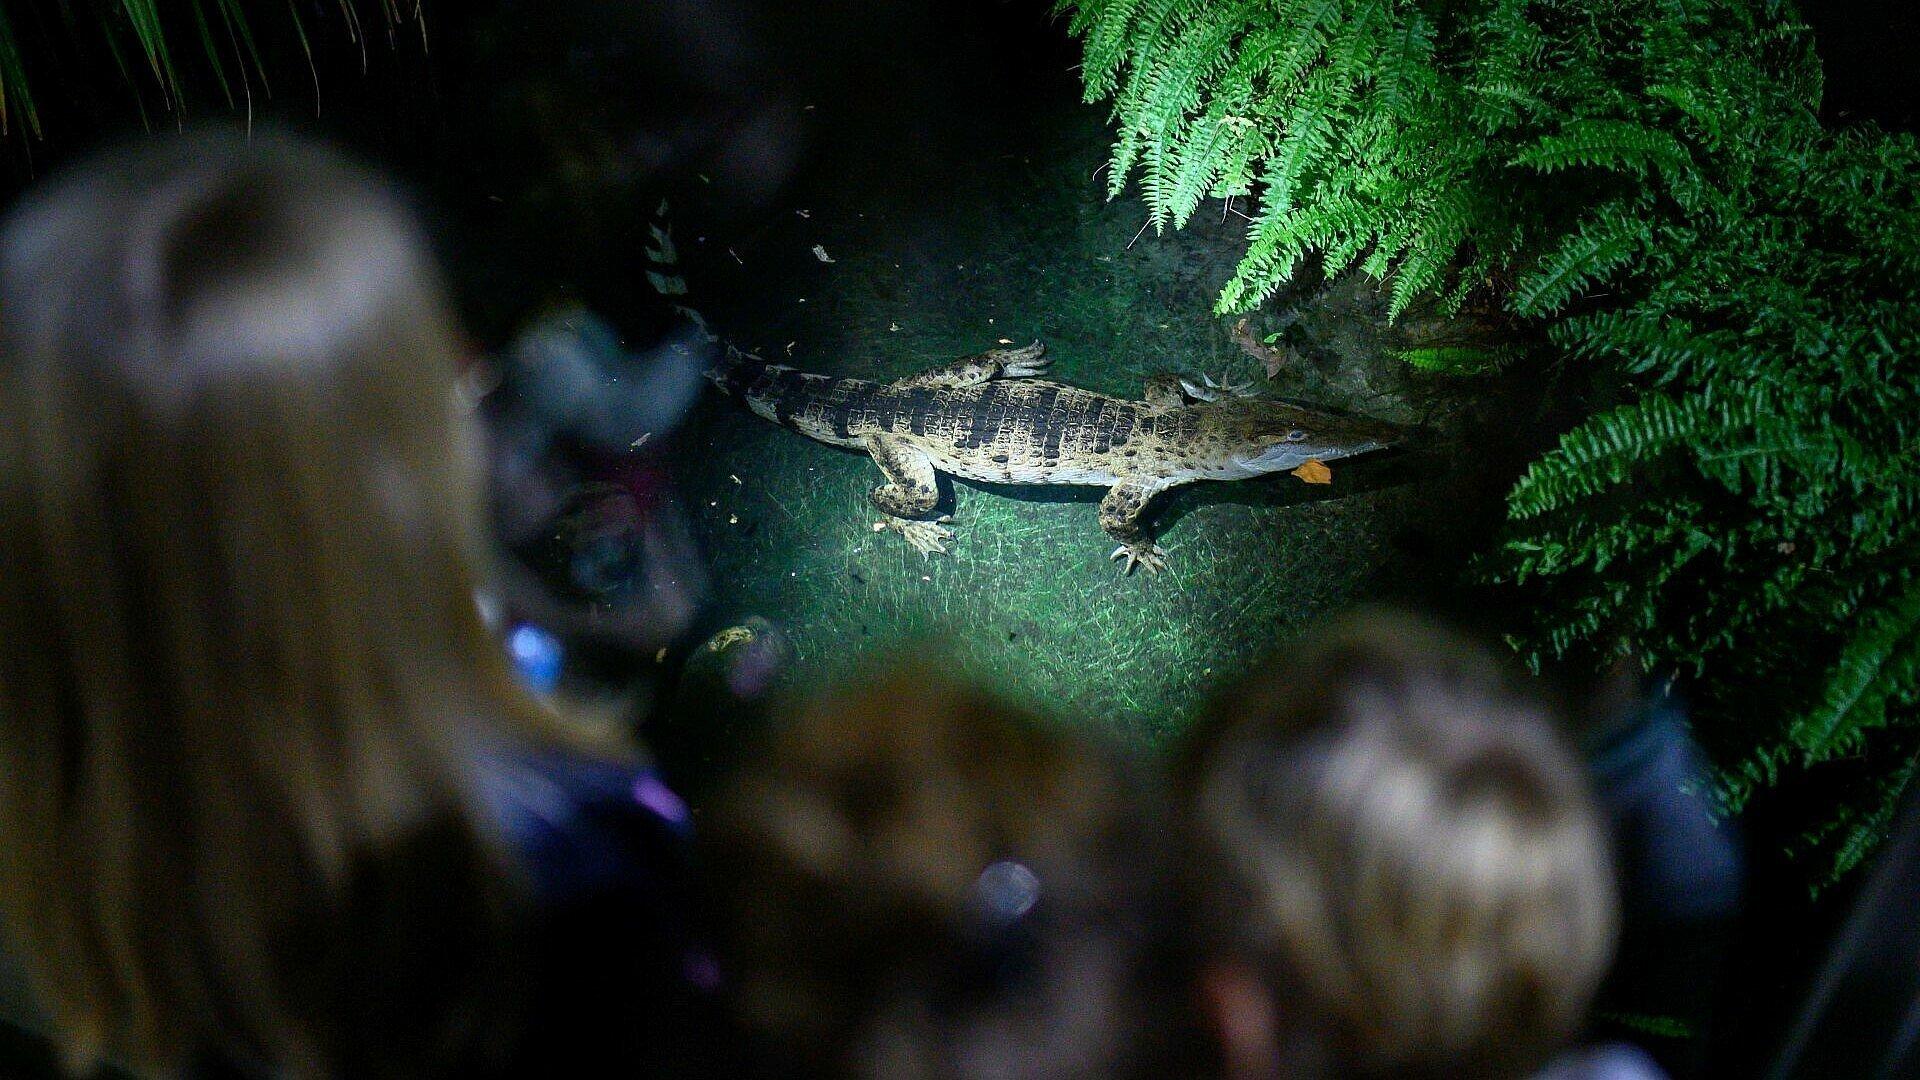 Kinder betrachten ein Krokodil bei der Taschenlampenführung im Kölner Zoo